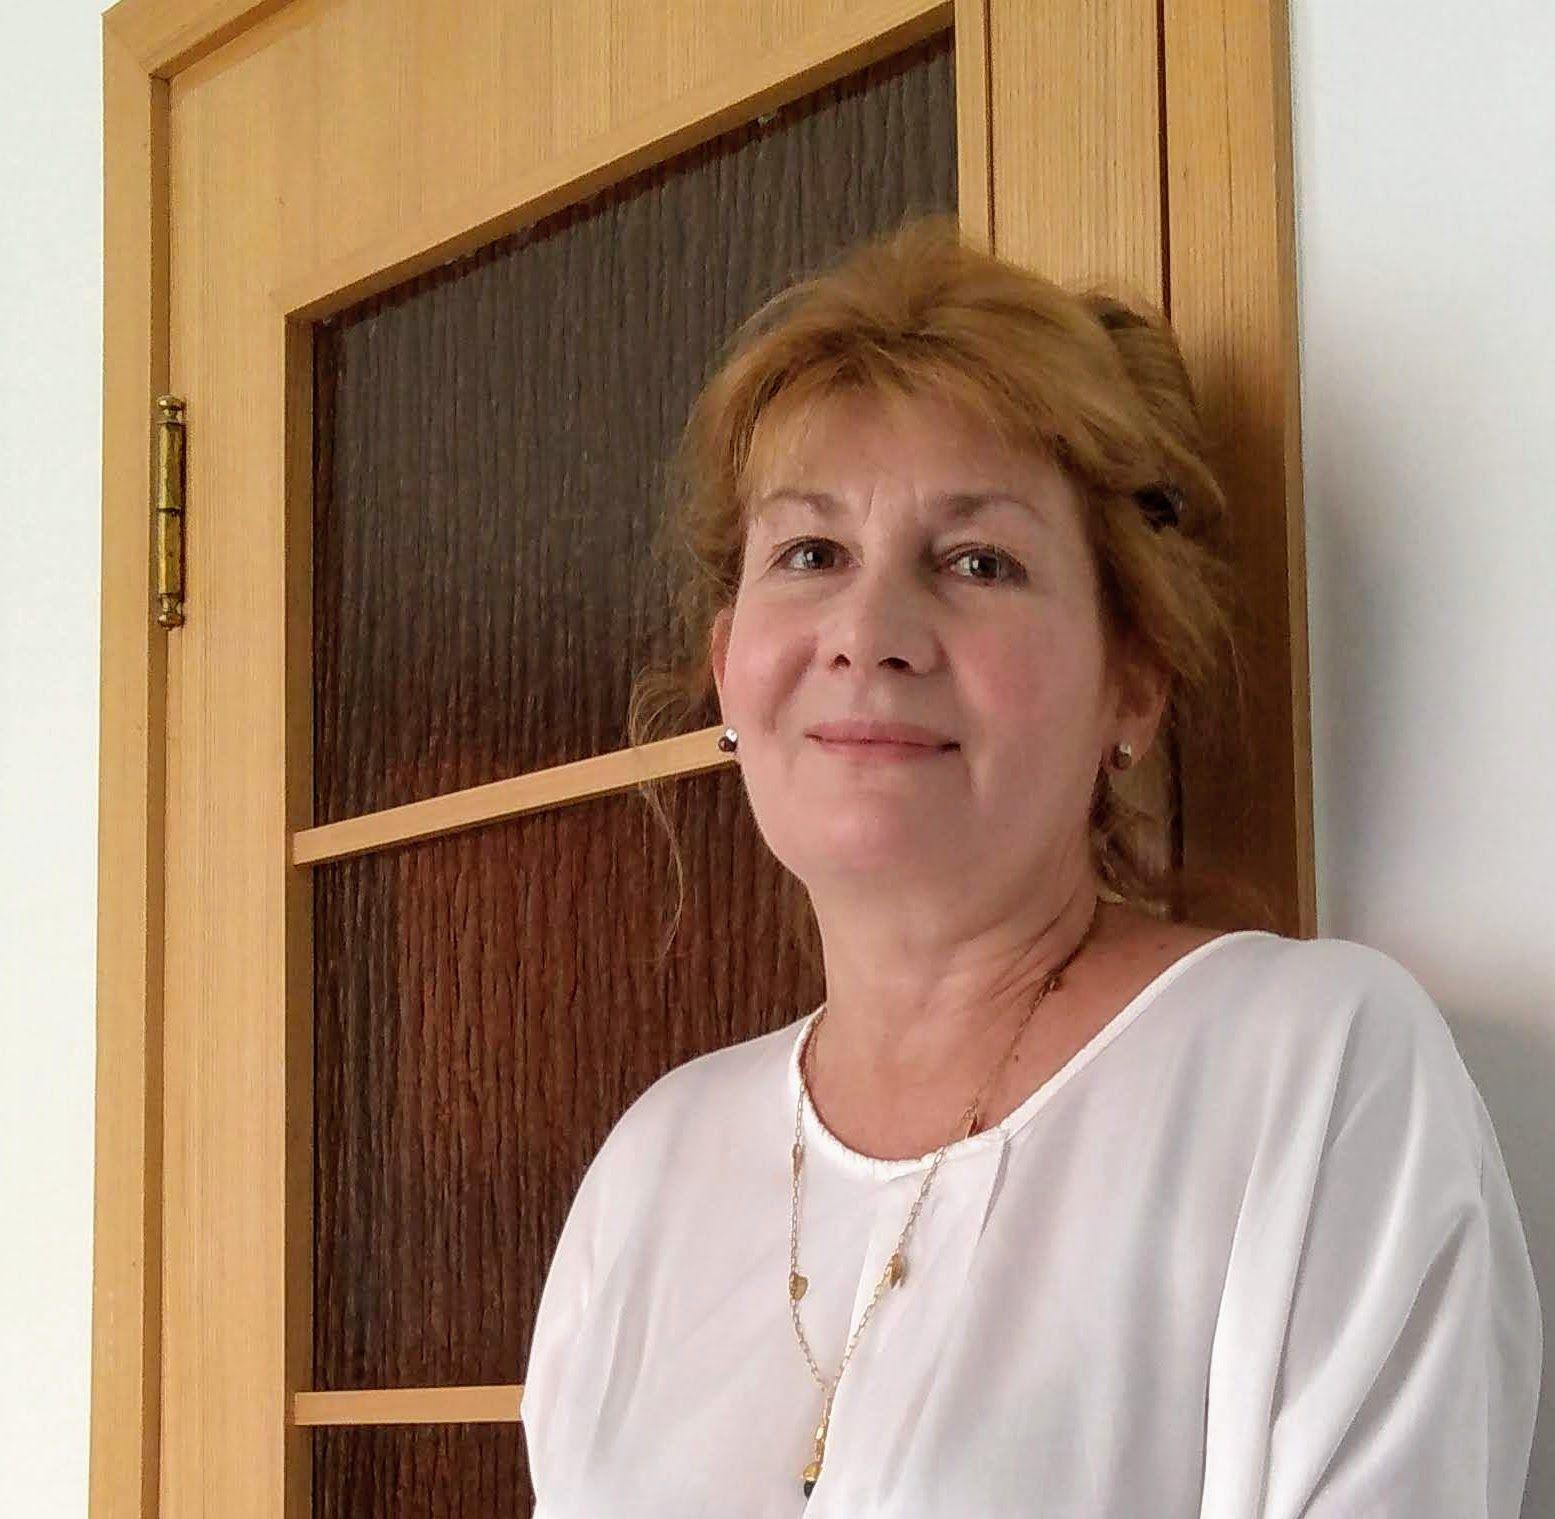 Margarita Katchan